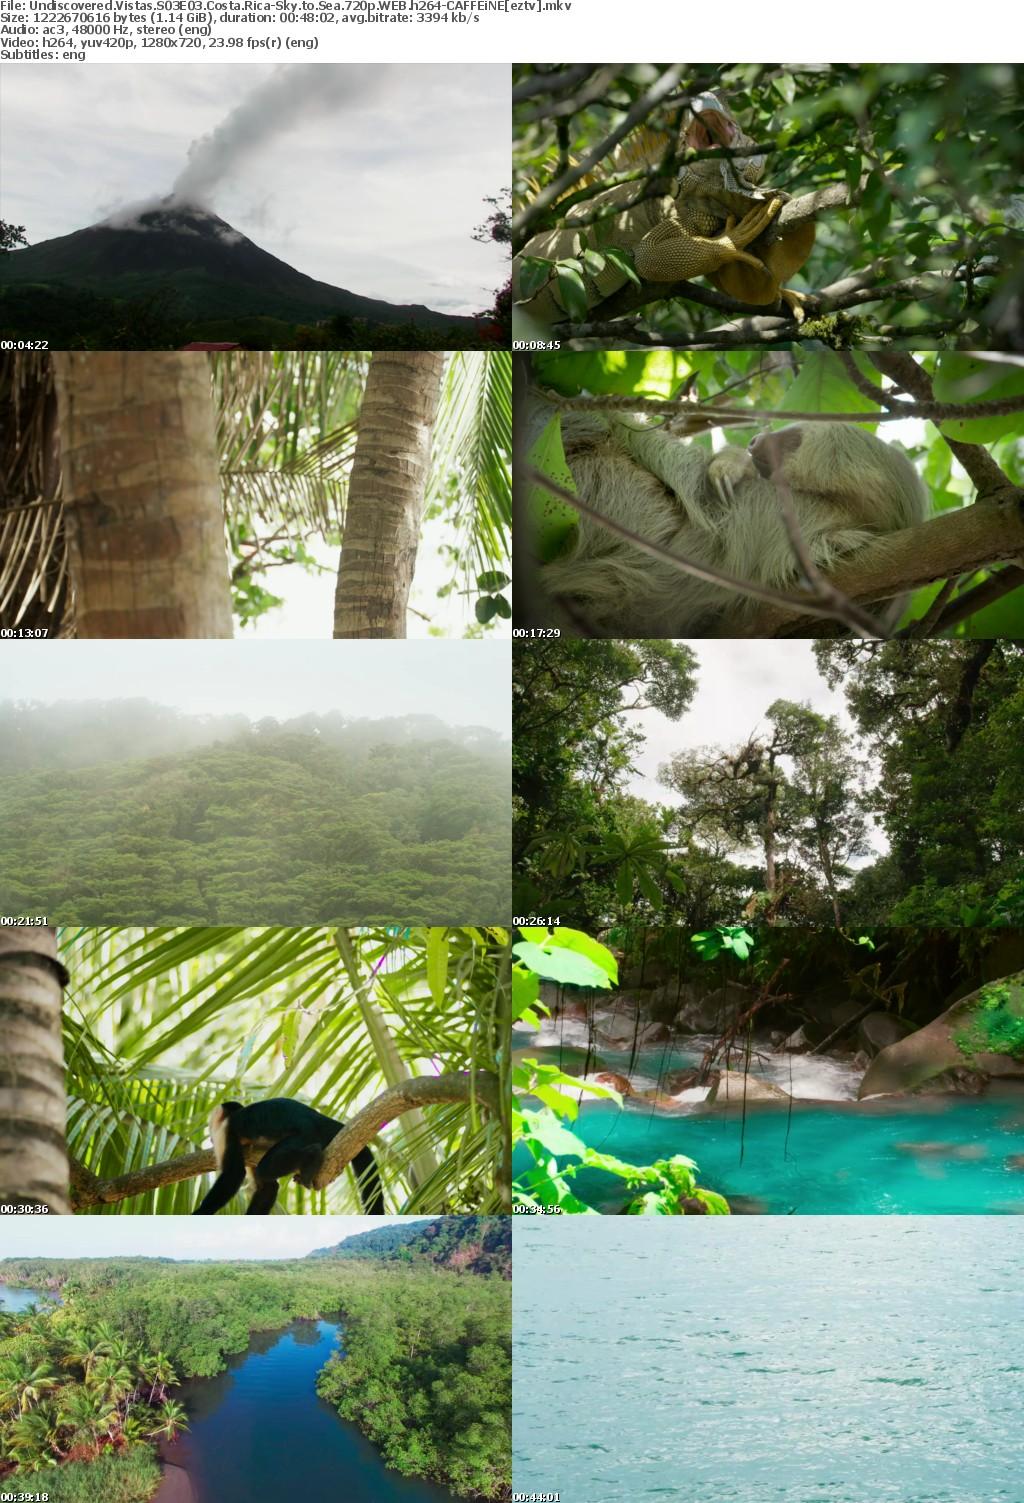 Undiscovered Vistas S03E03 Costa Rica-Sky to Sea 720p WEB h264-CAFFEiNE